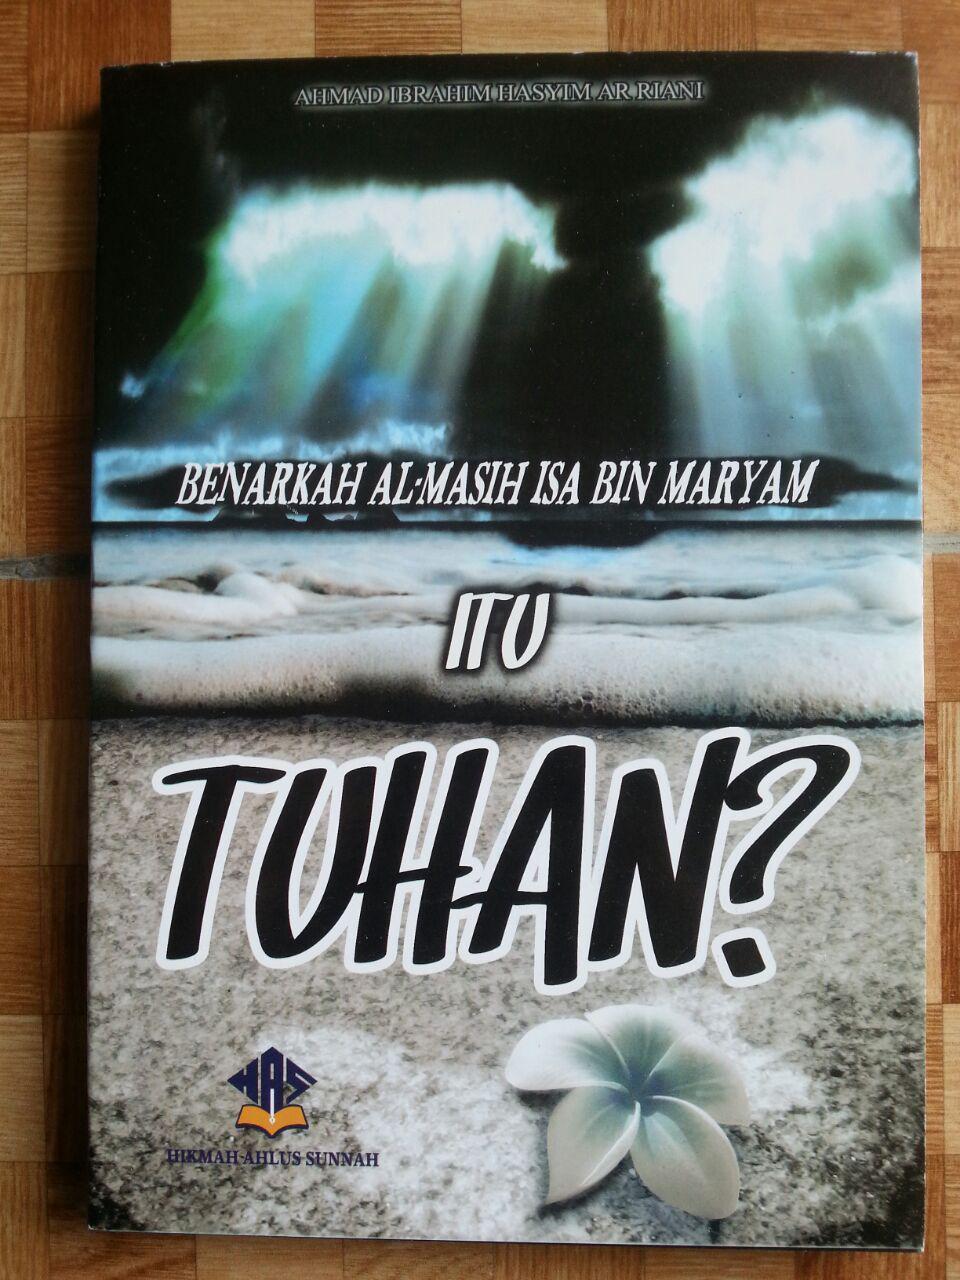 Buku Benarkah Almasih Isa Bin Maryam Itu Tuhan cover 2